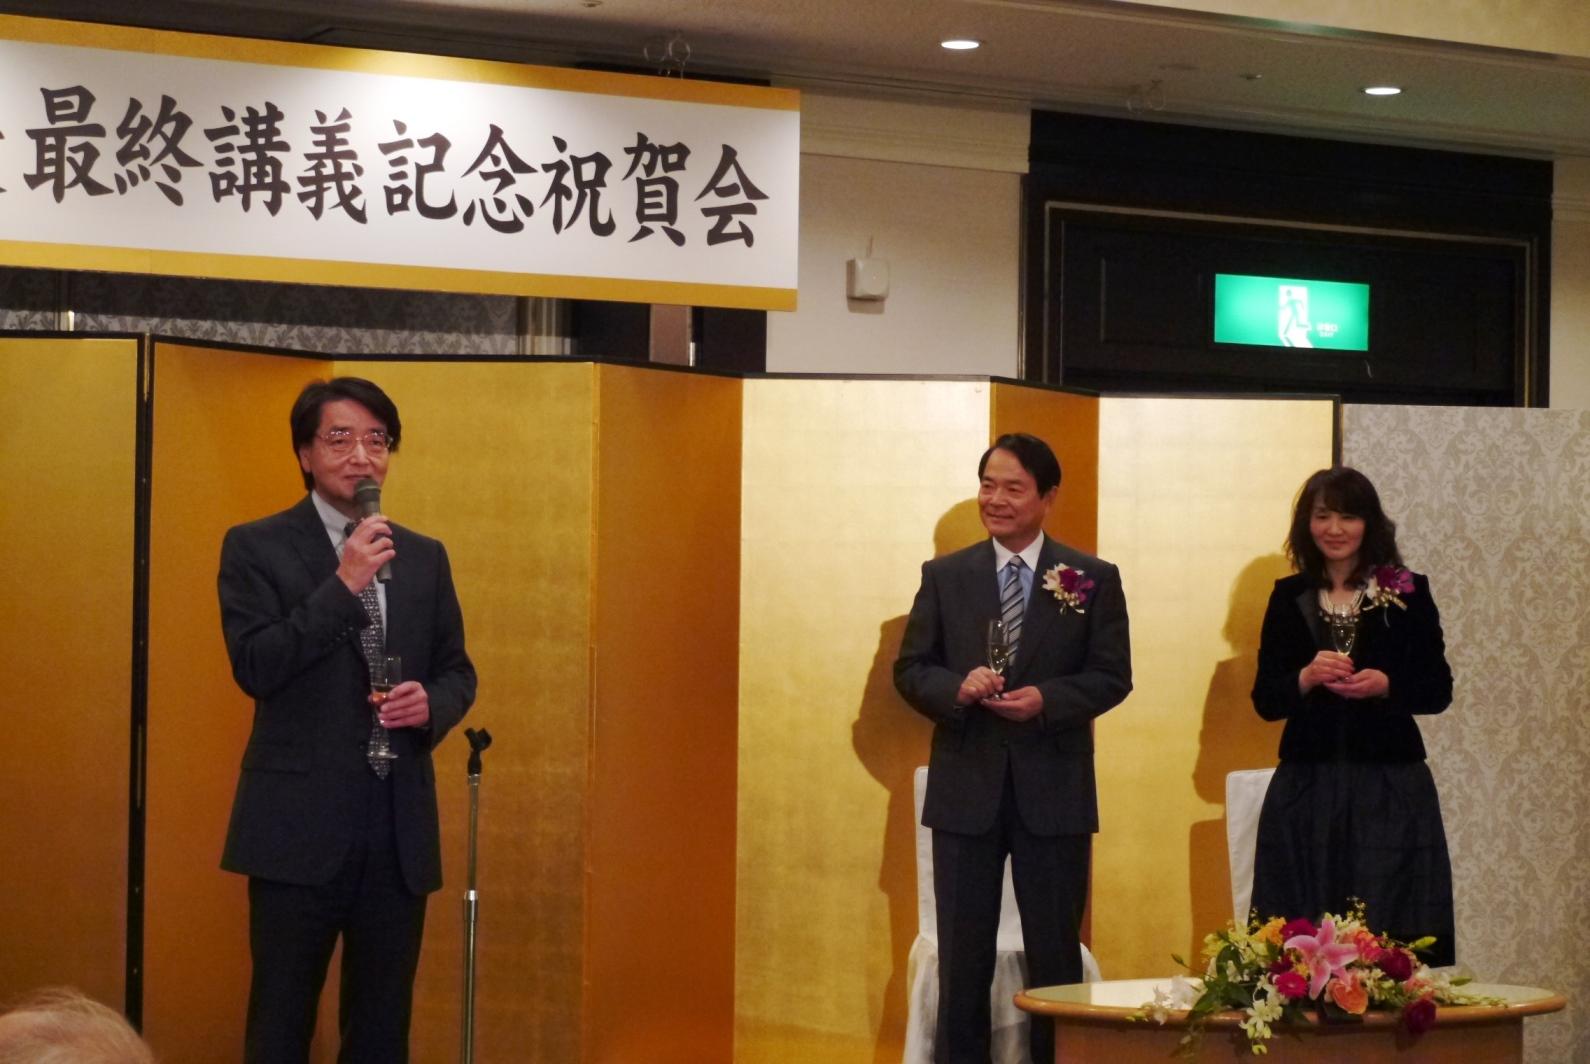 谷本光音先生最終講義祝賀会(金廣有彦先生)